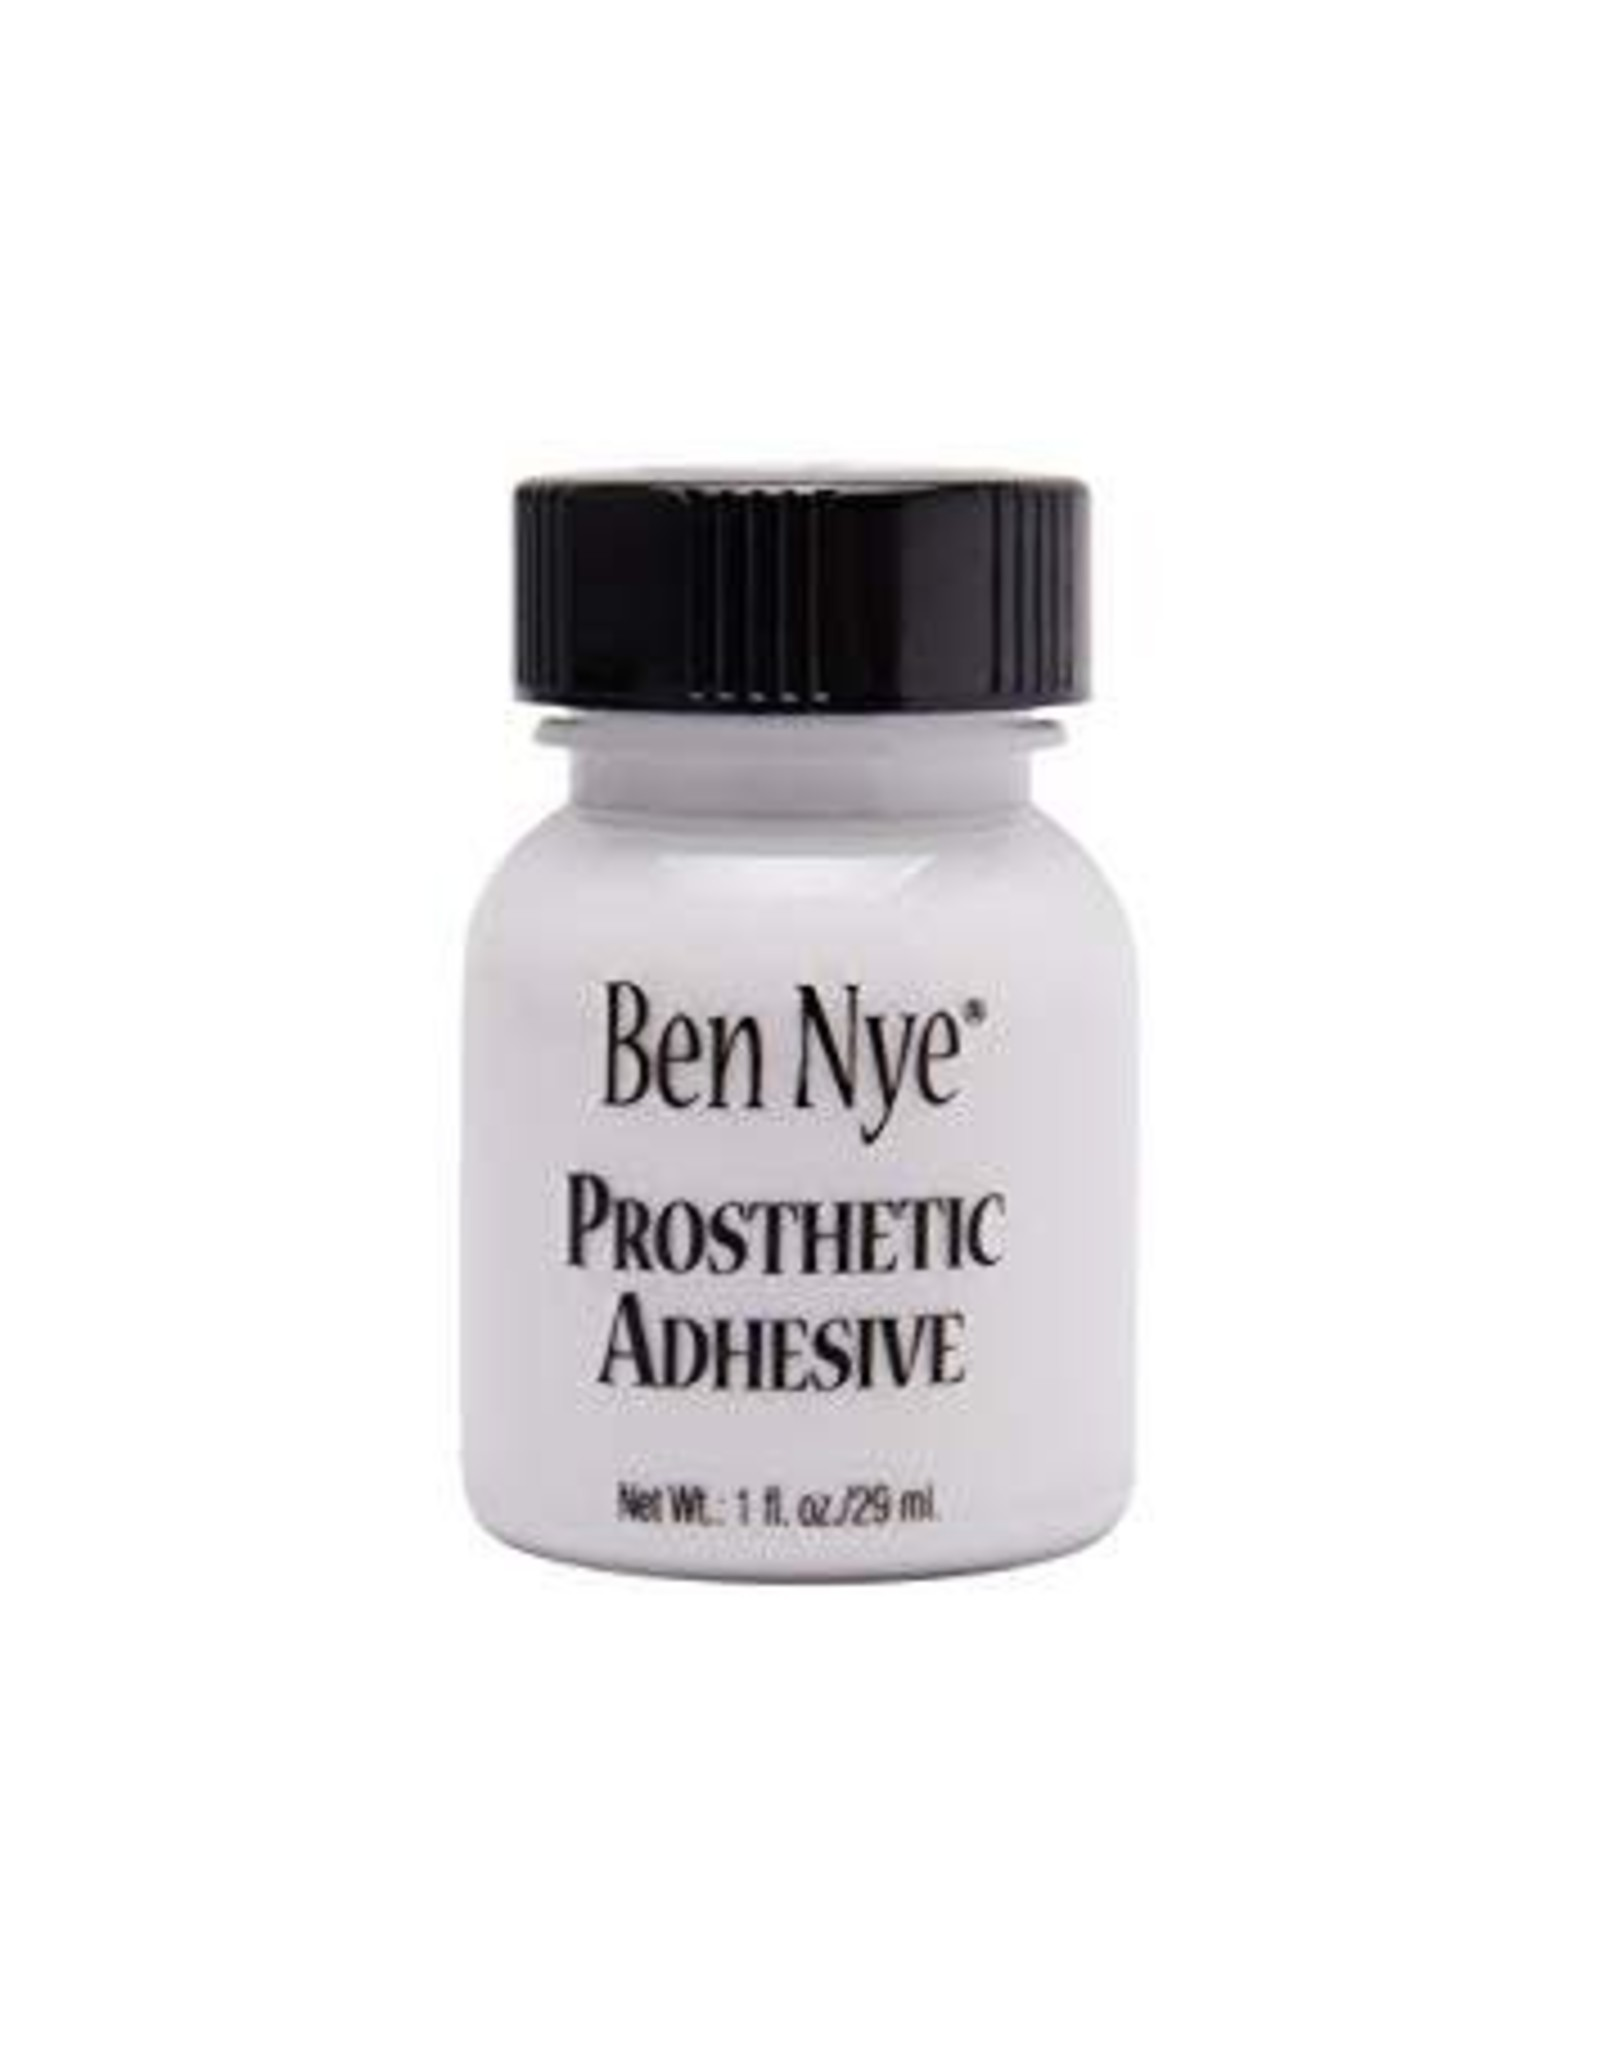 Ben Nye Ben Nye Prosthetic Adhesive